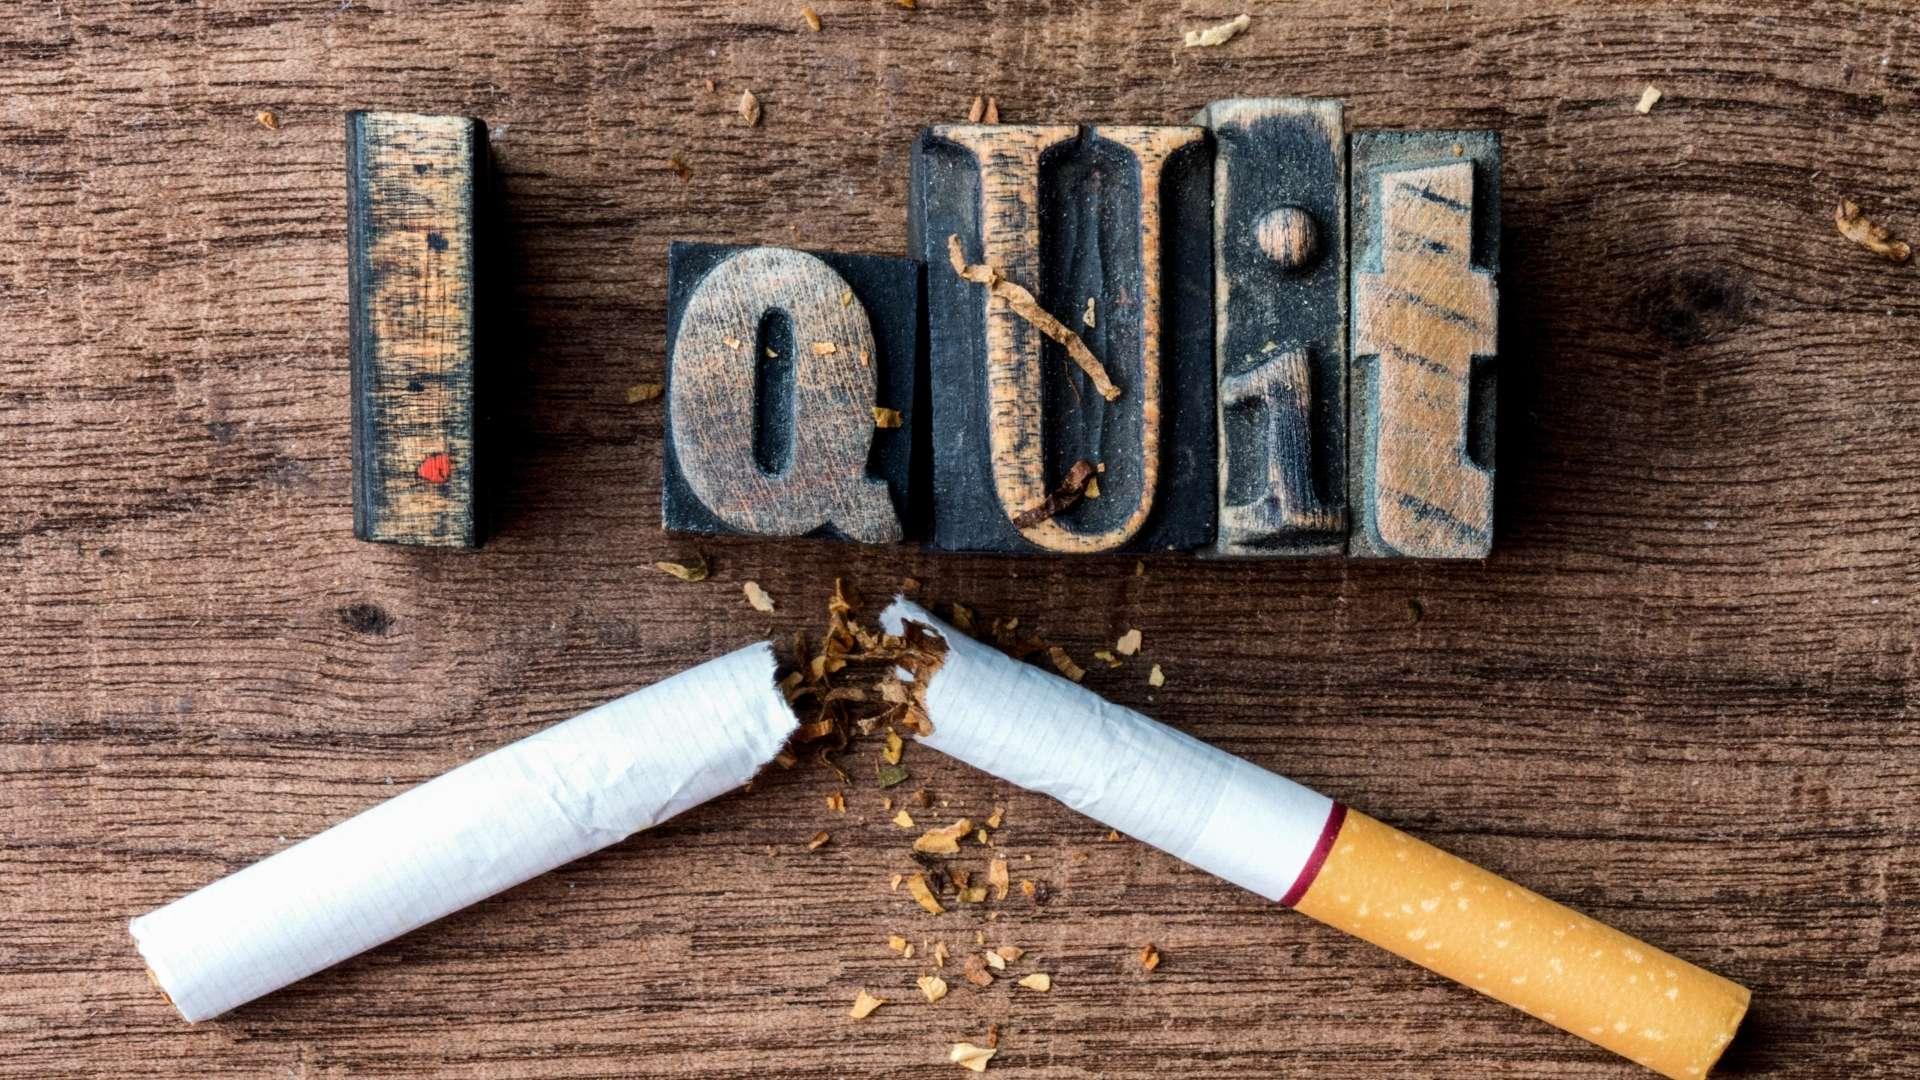 Broken_Cigarette_Quit_Words_1920x1080.jpg